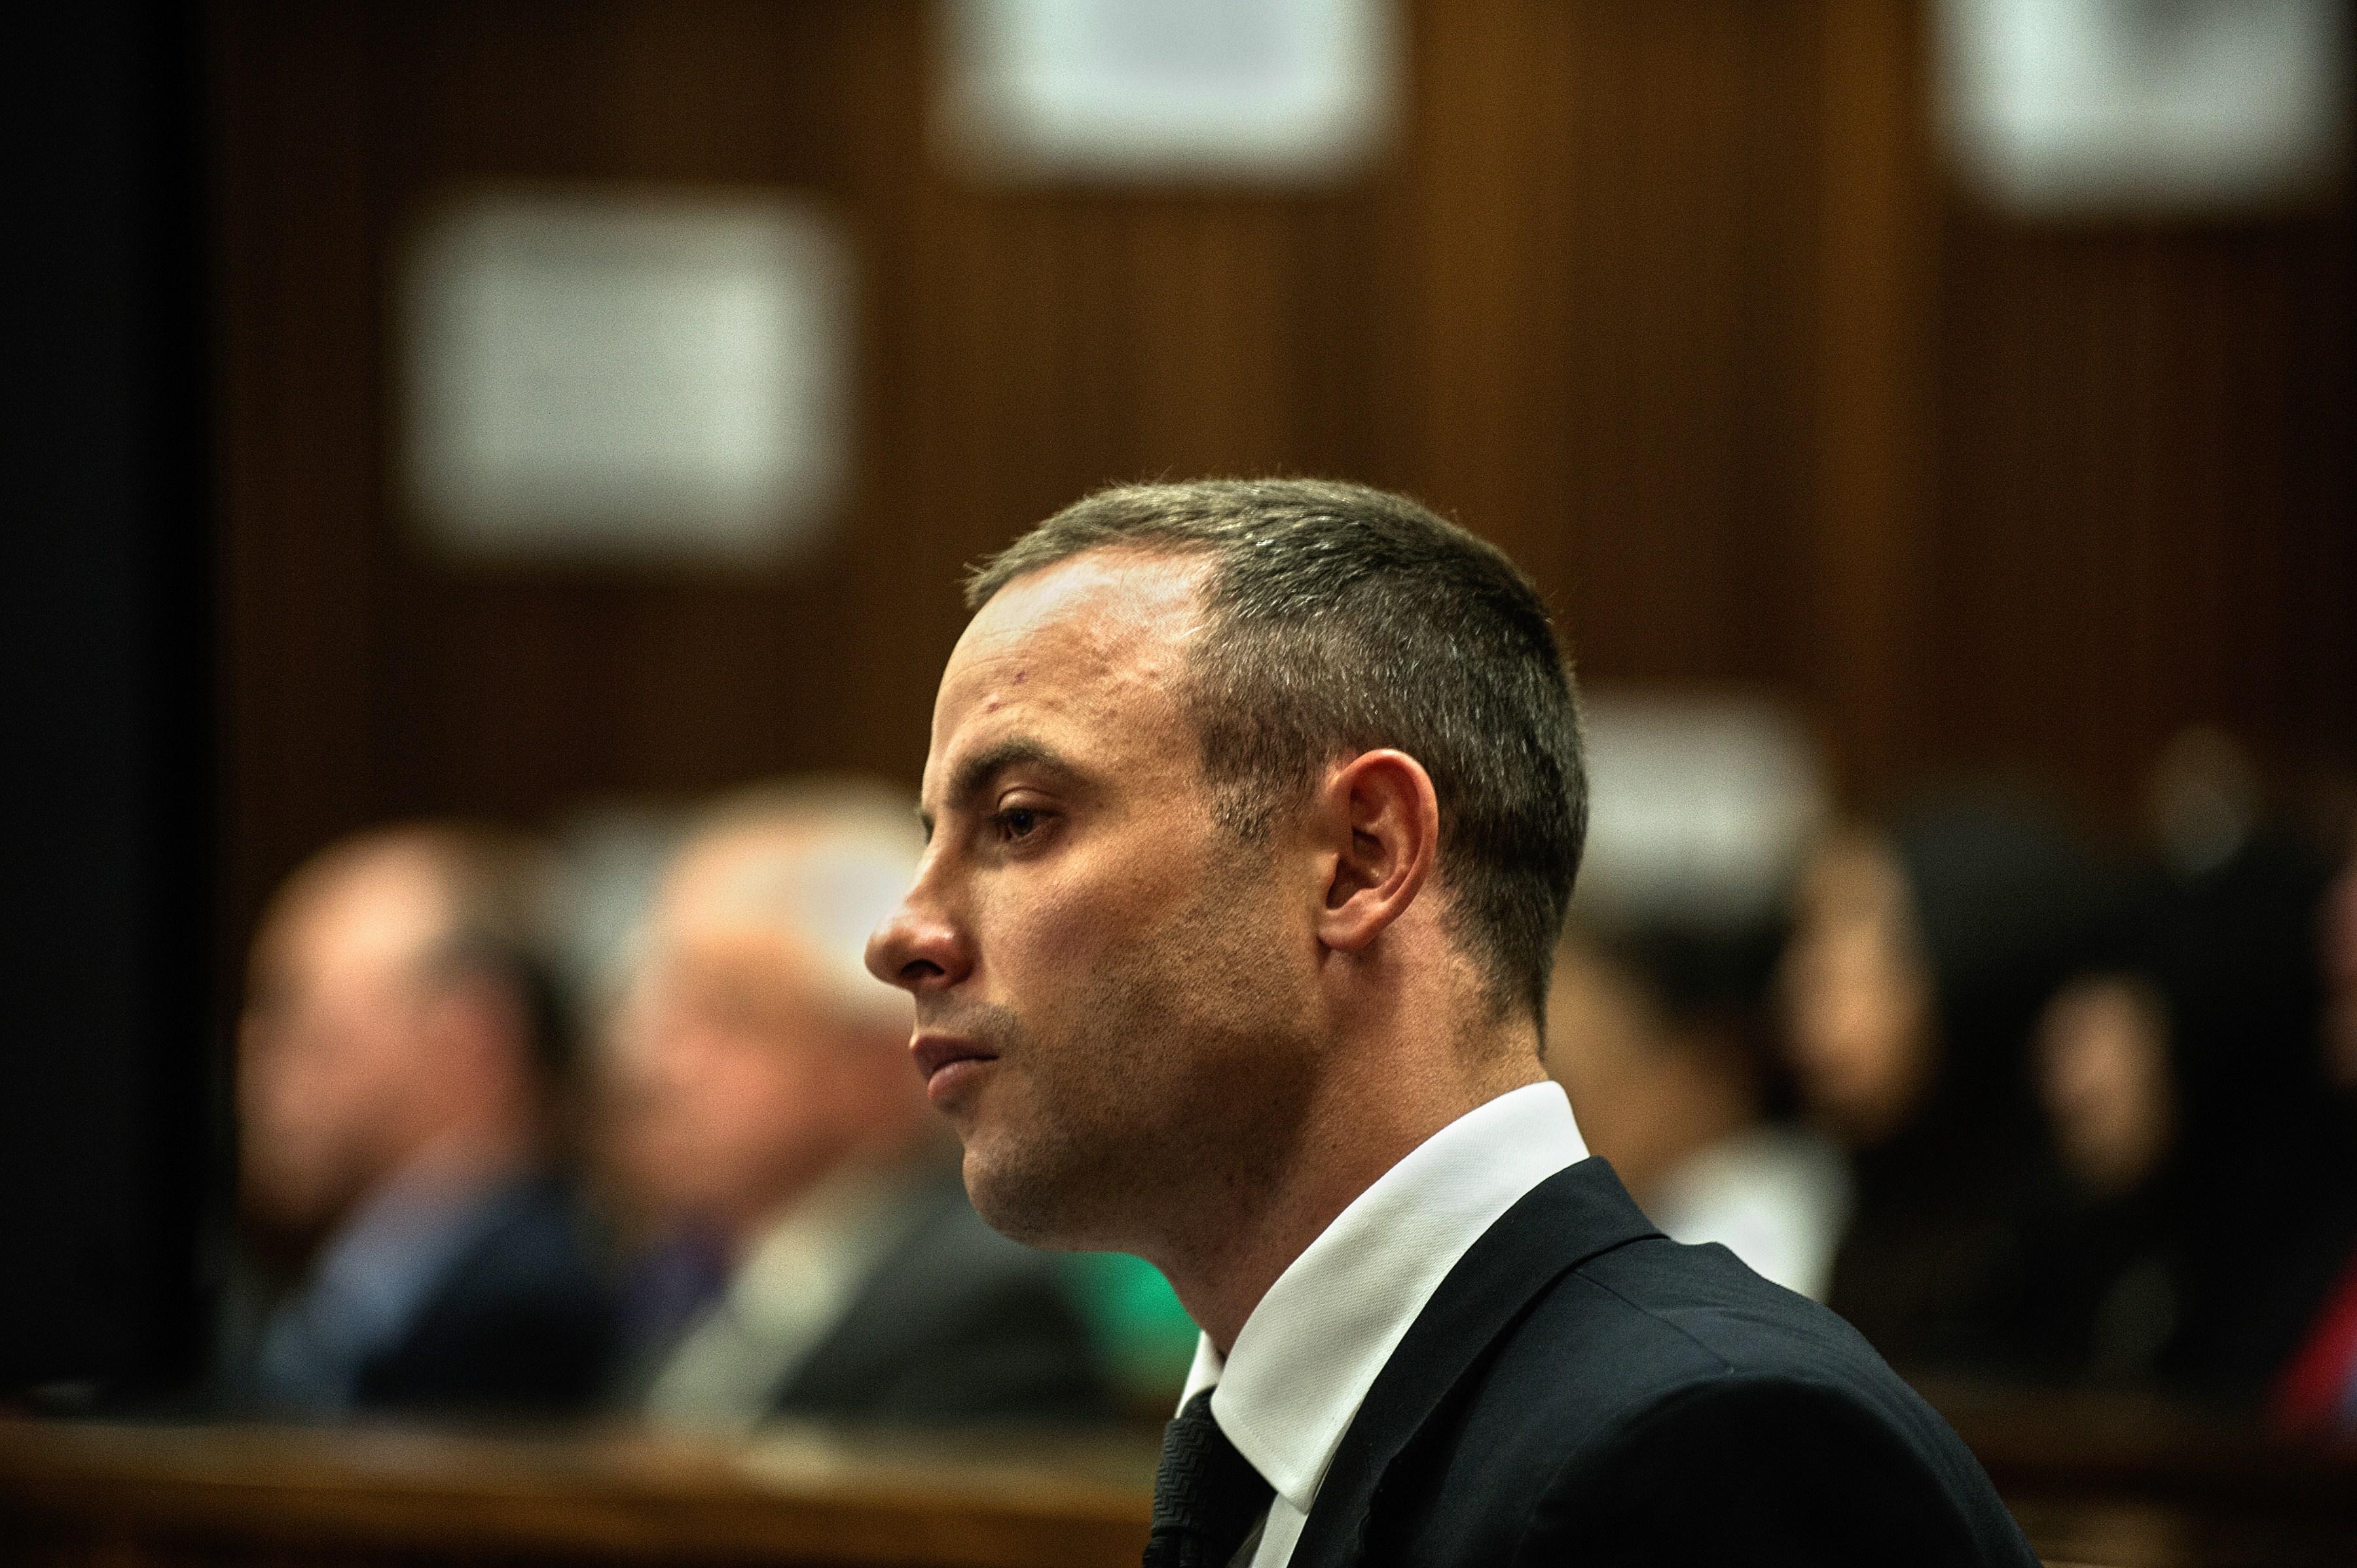 Oscar Pistorius (Update): Verhandlung beginnt am Montag; drei mögliche Untersuchungsergebnisse